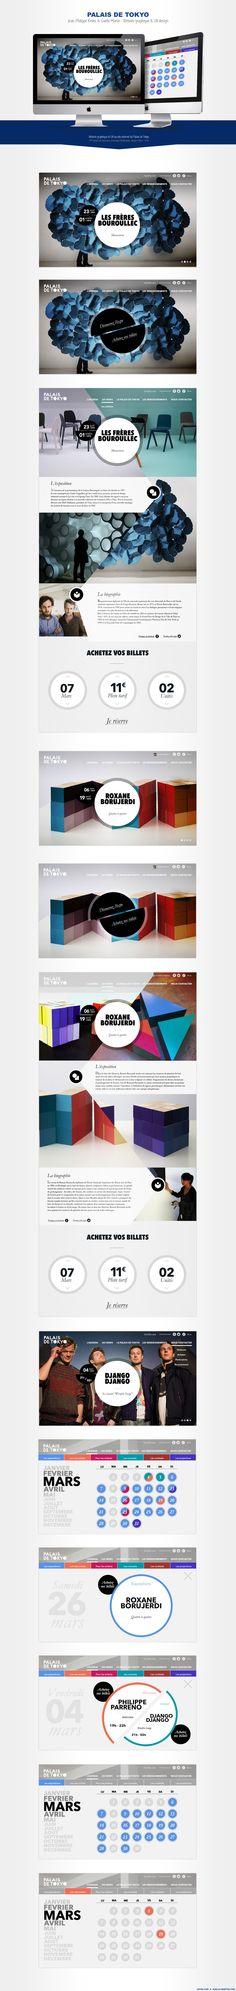 Graphic Design and UX Design / Palais de Tokyo in Paris.